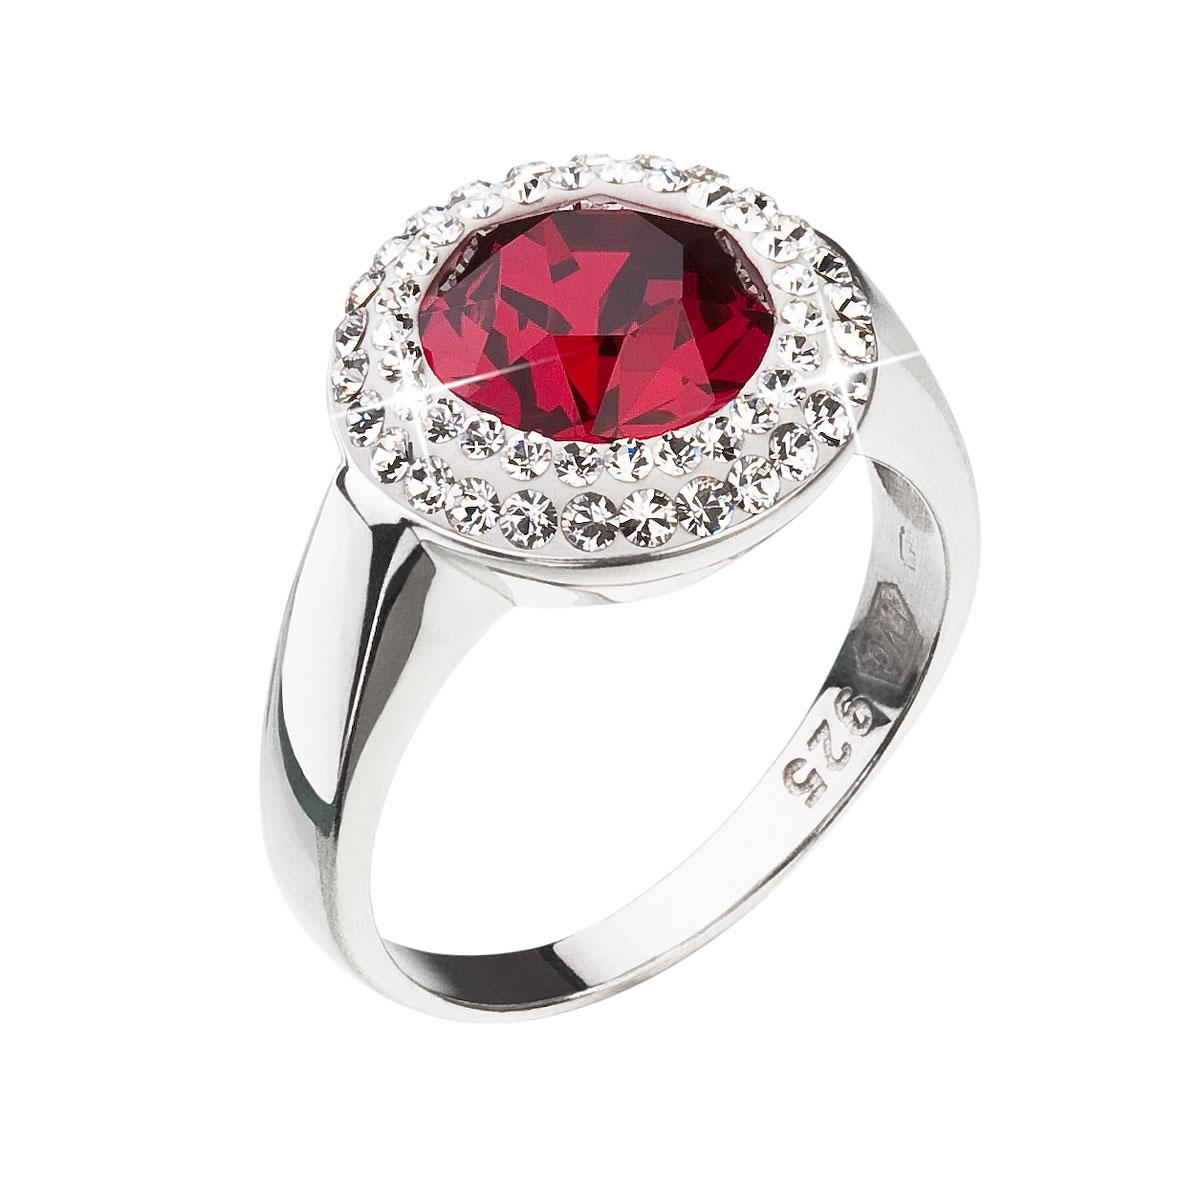 Strieborný prsteň s krištáľmi Swarovski červený okrúhly 35026.3